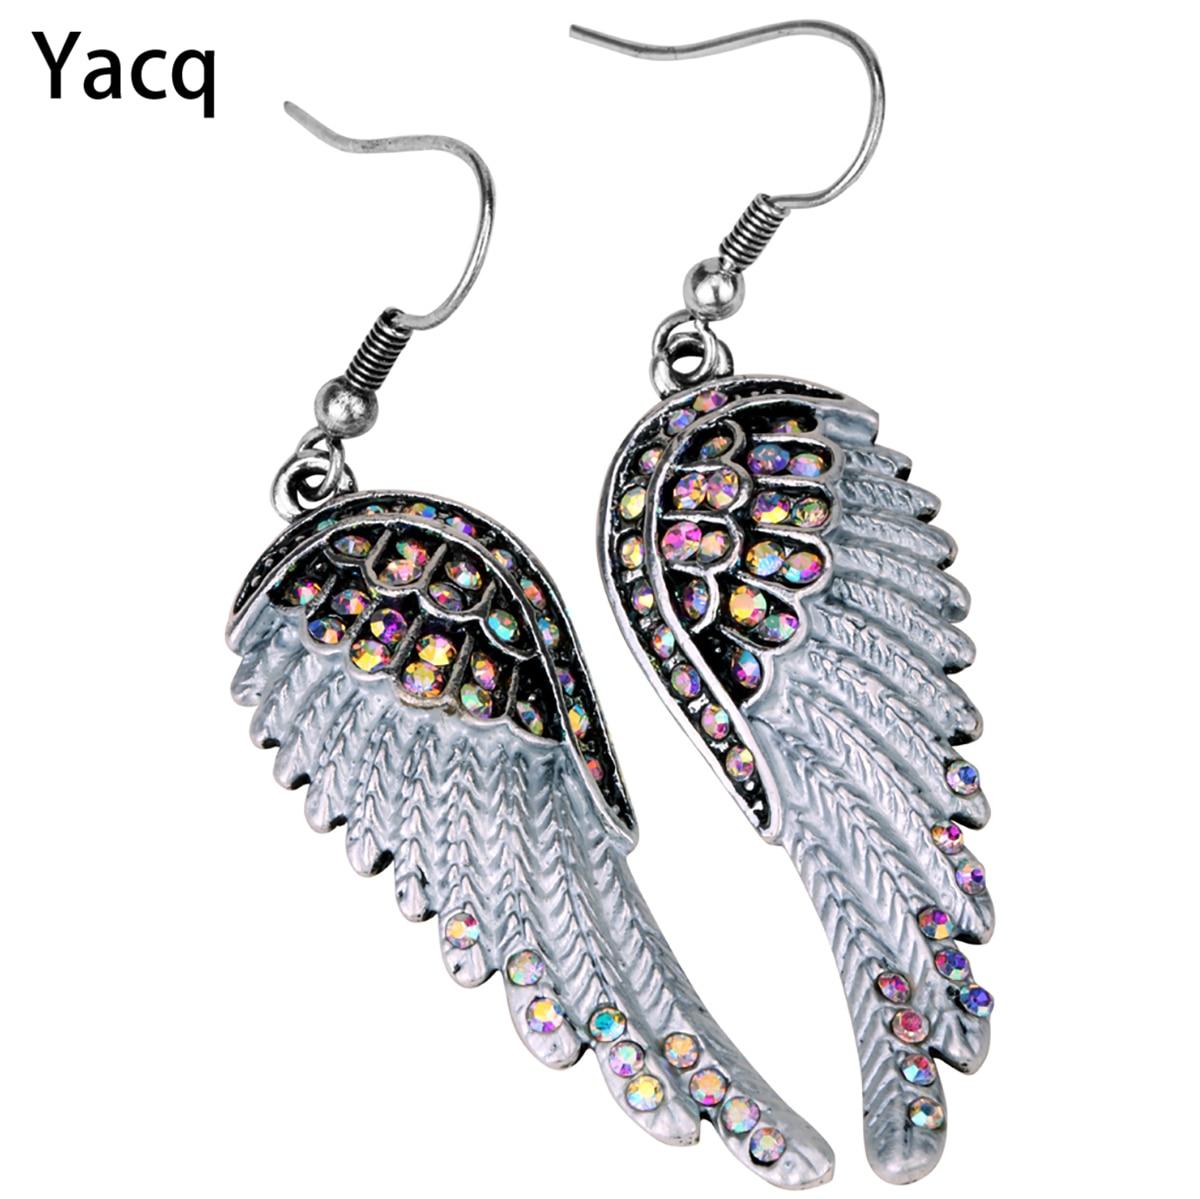 Angyal szárnyak fülbevalók antik arany ezüst szín W kristály női lányok motoros bling ékszerek ajándék nagykereskedelem dropshipping EC23